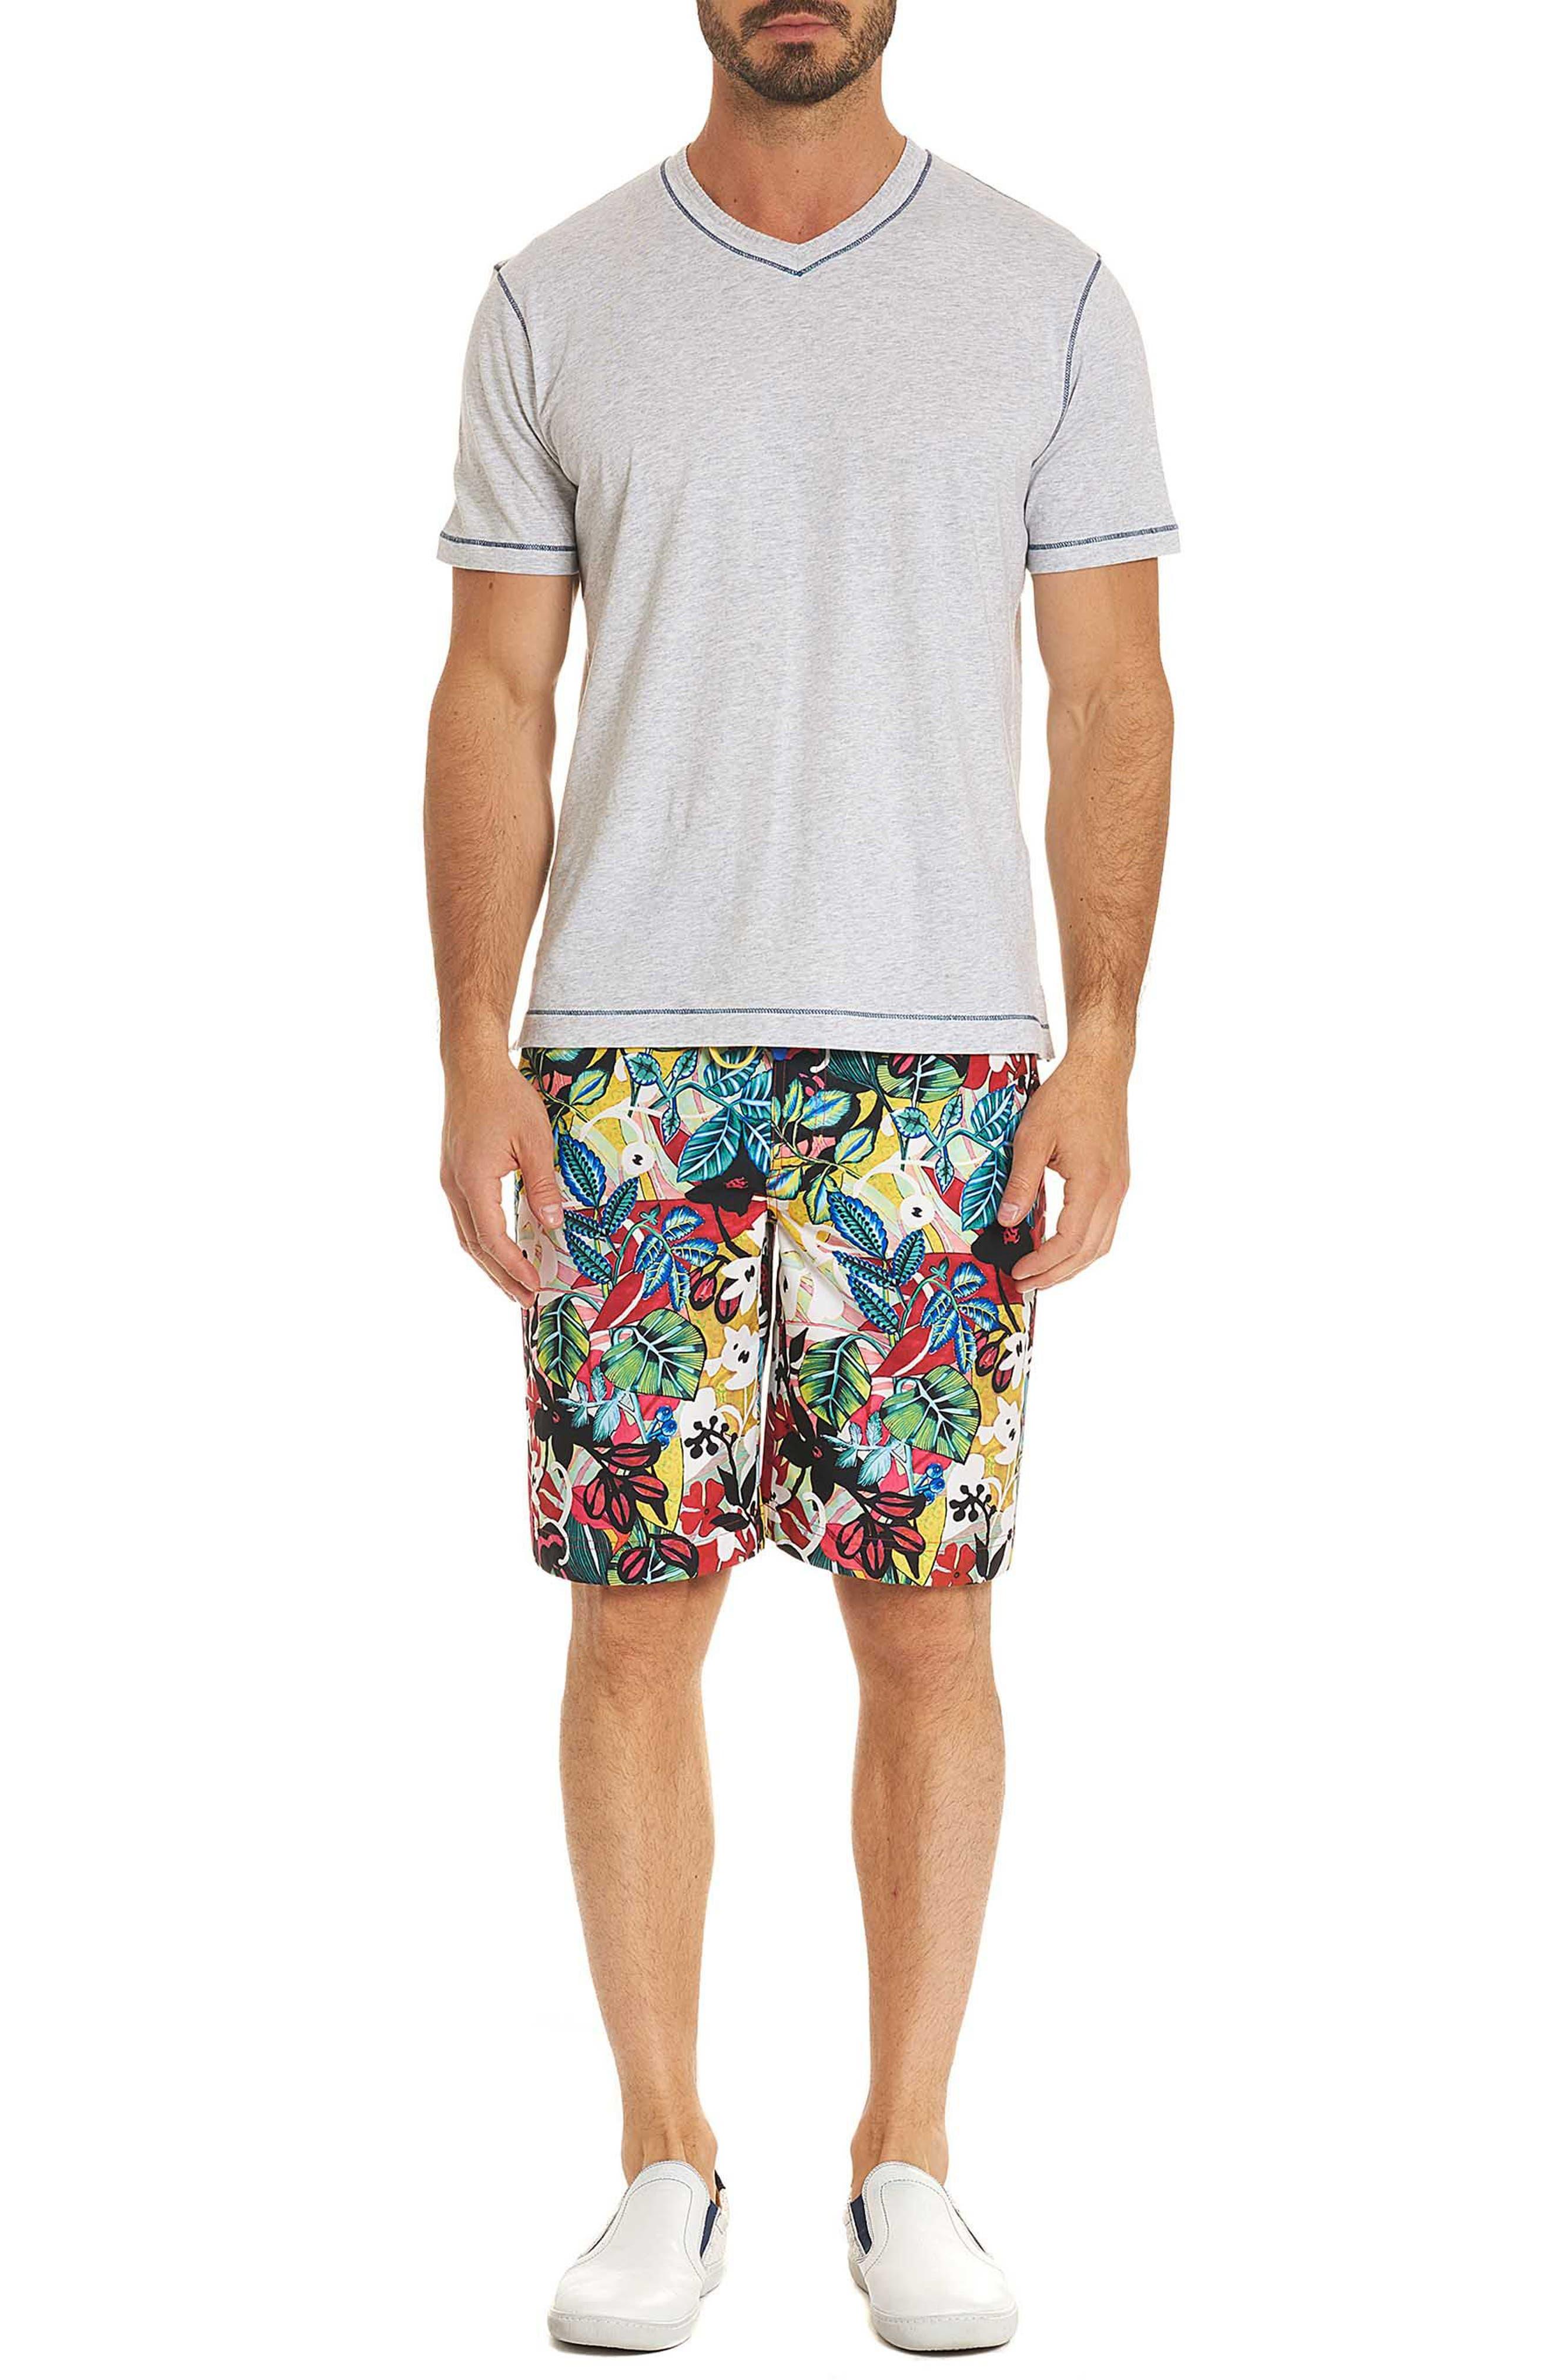 Barbarito Classic Fit Board Shorts,                             Alternate thumbnail 7, color,                             Multi